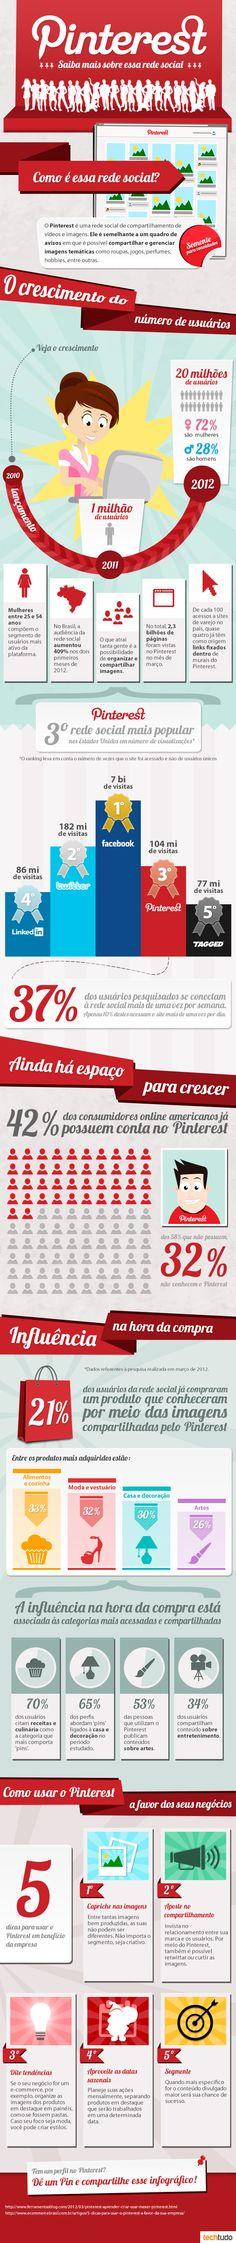 Infográfico: Pinterest tornando-se uma das redes mais populares do mundo